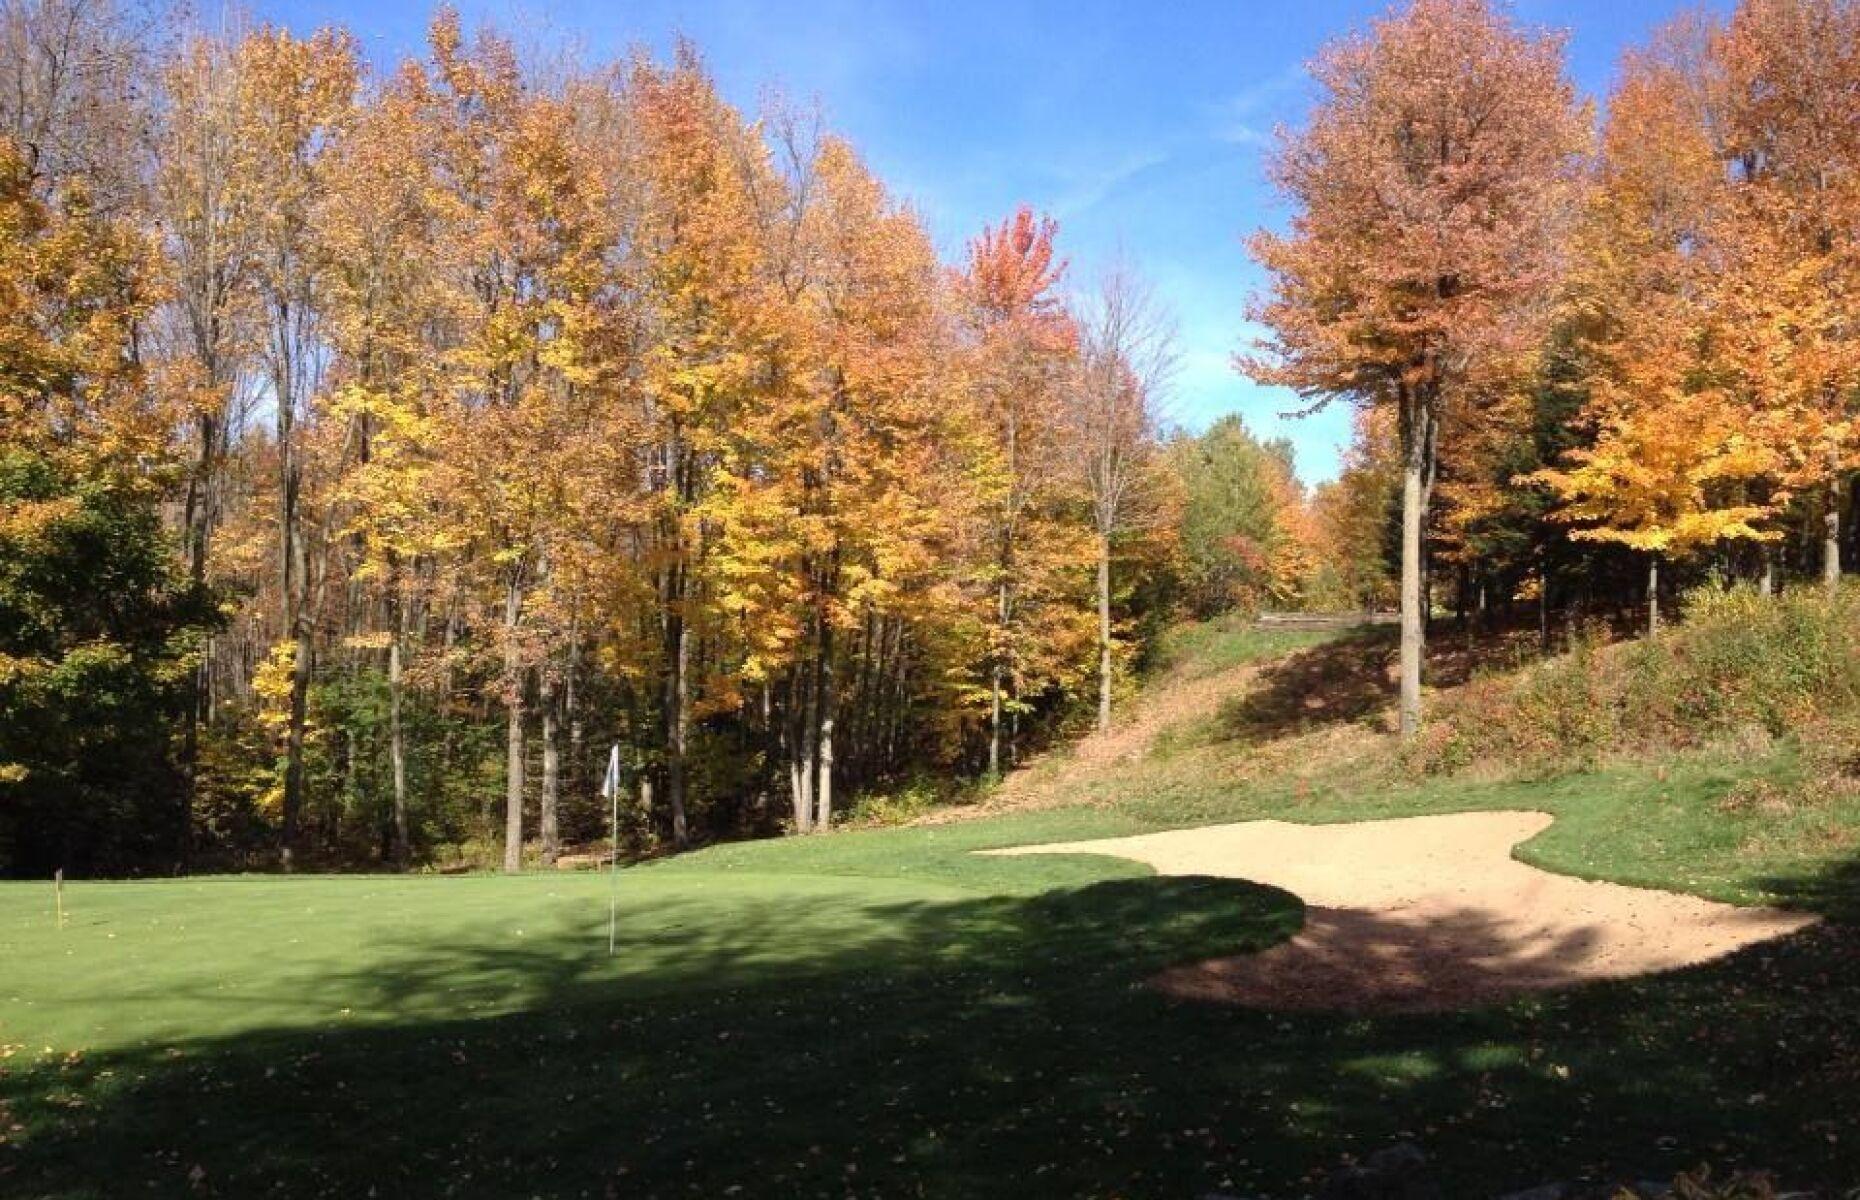 Pine Valley Golf Course in Marathon, Wisconsin, USA | Golf ...